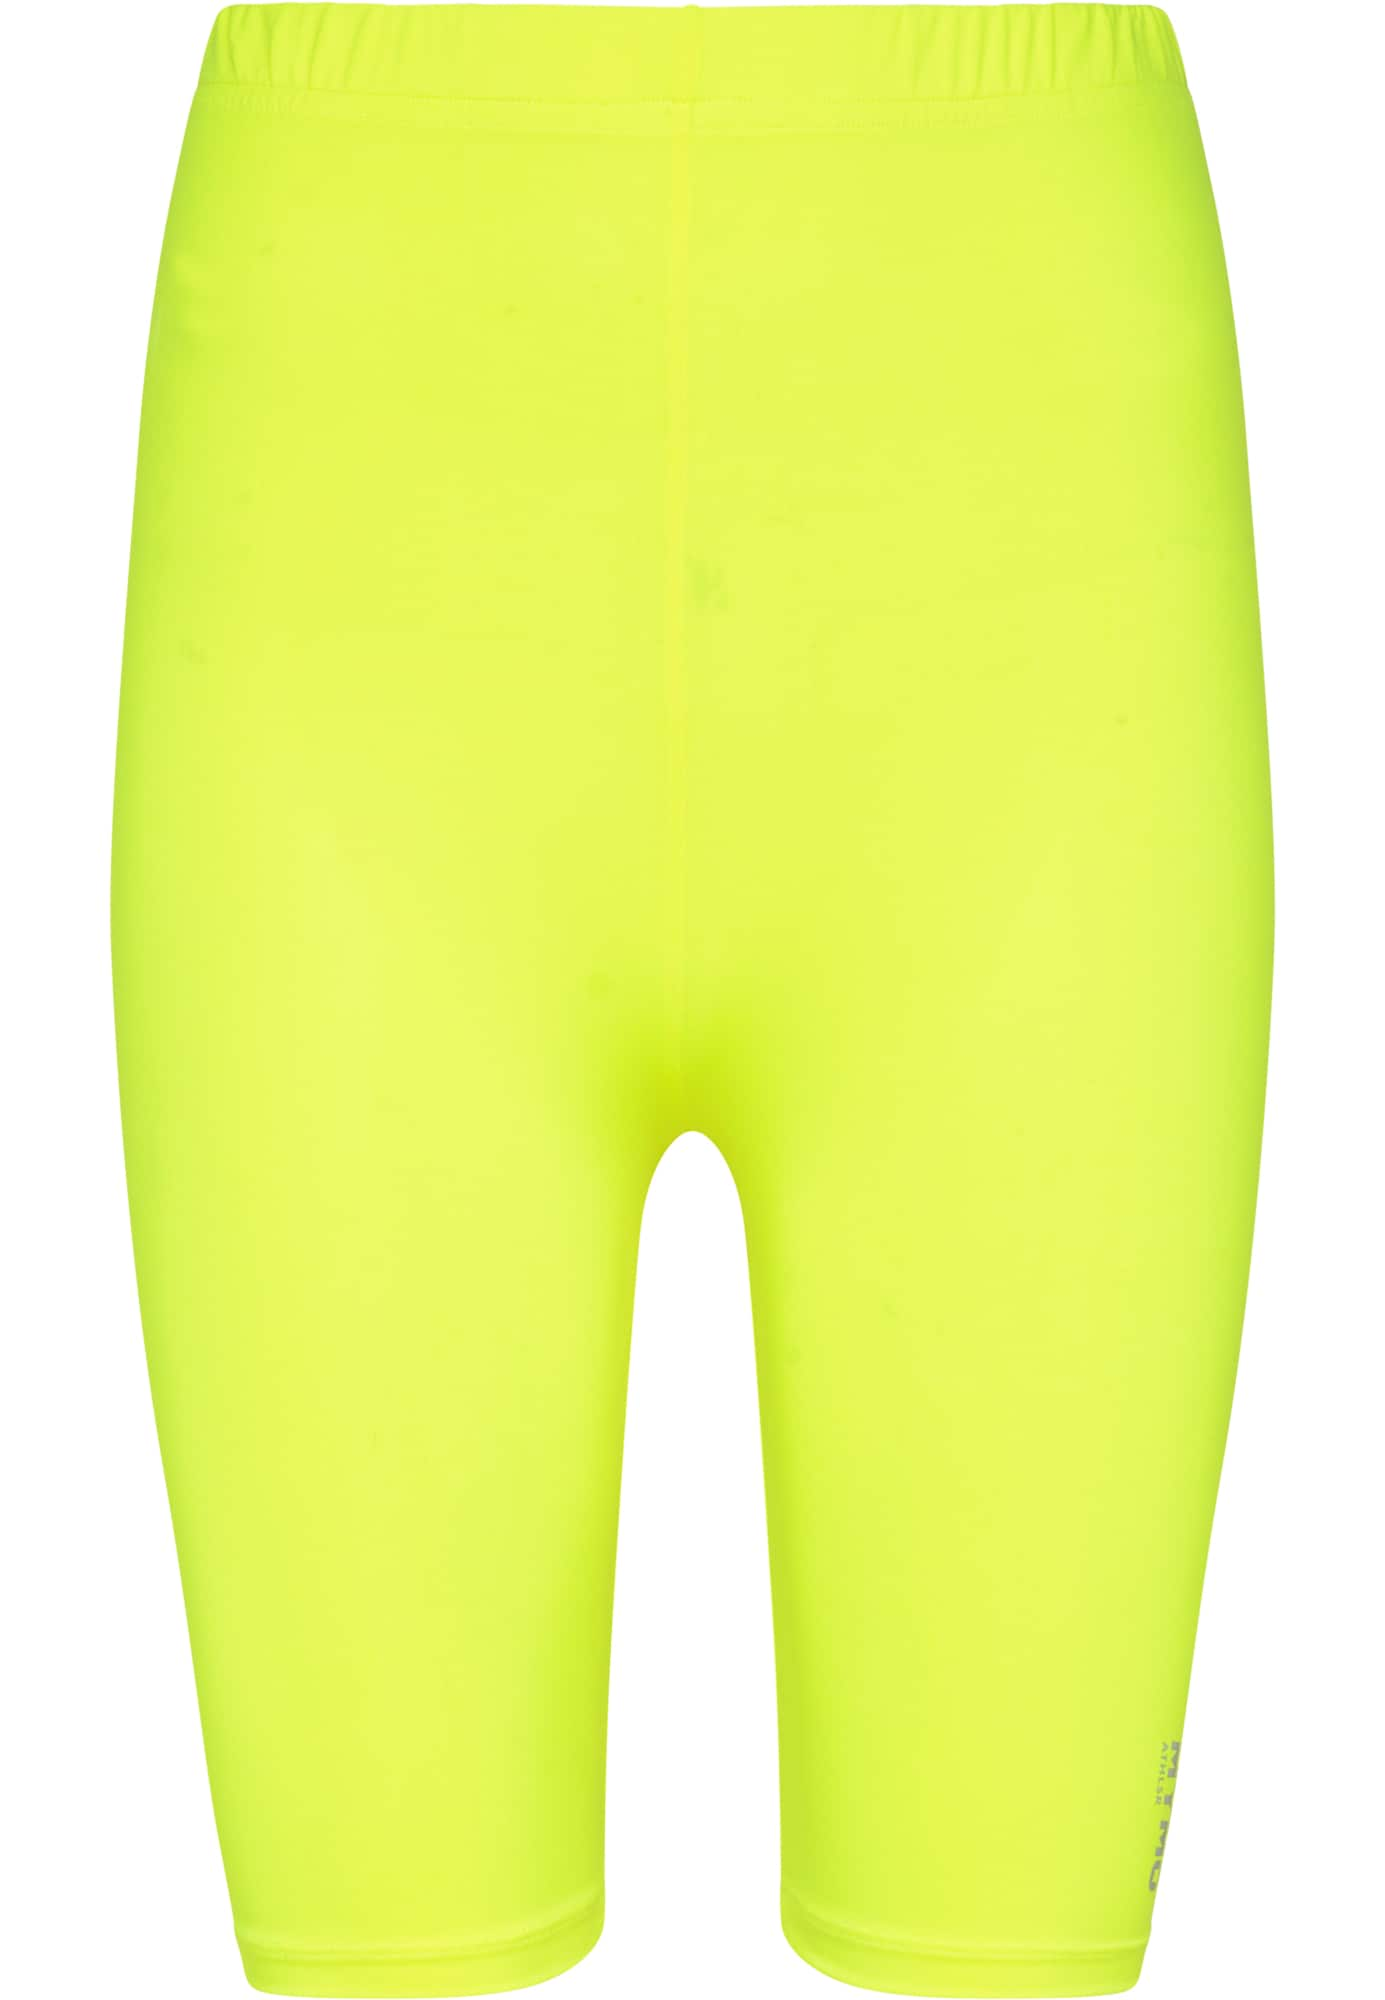 myMo ATHLSR Sportinės kelnės neoninė geltona / sidabrinė